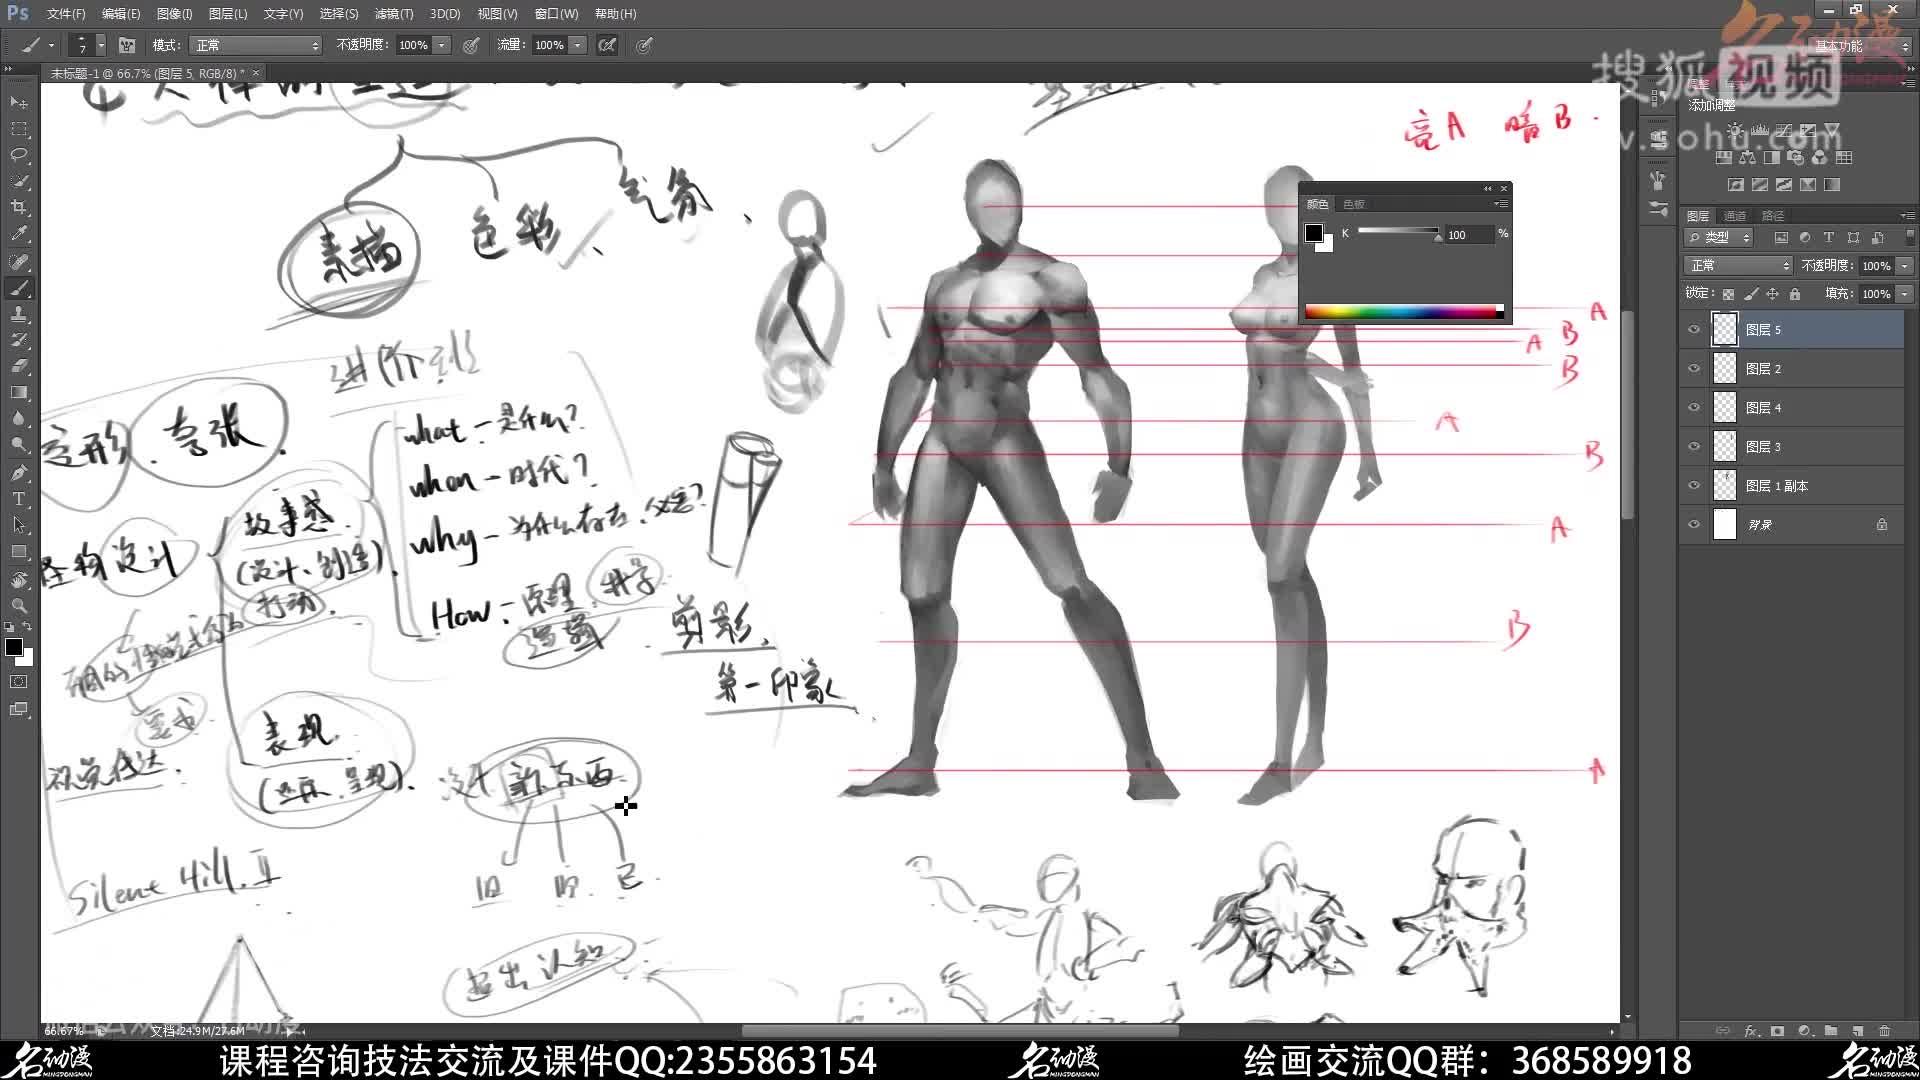 人物速写教程|漫画人物绘画|人体结构透视教程|人物绘画教程|之异化.